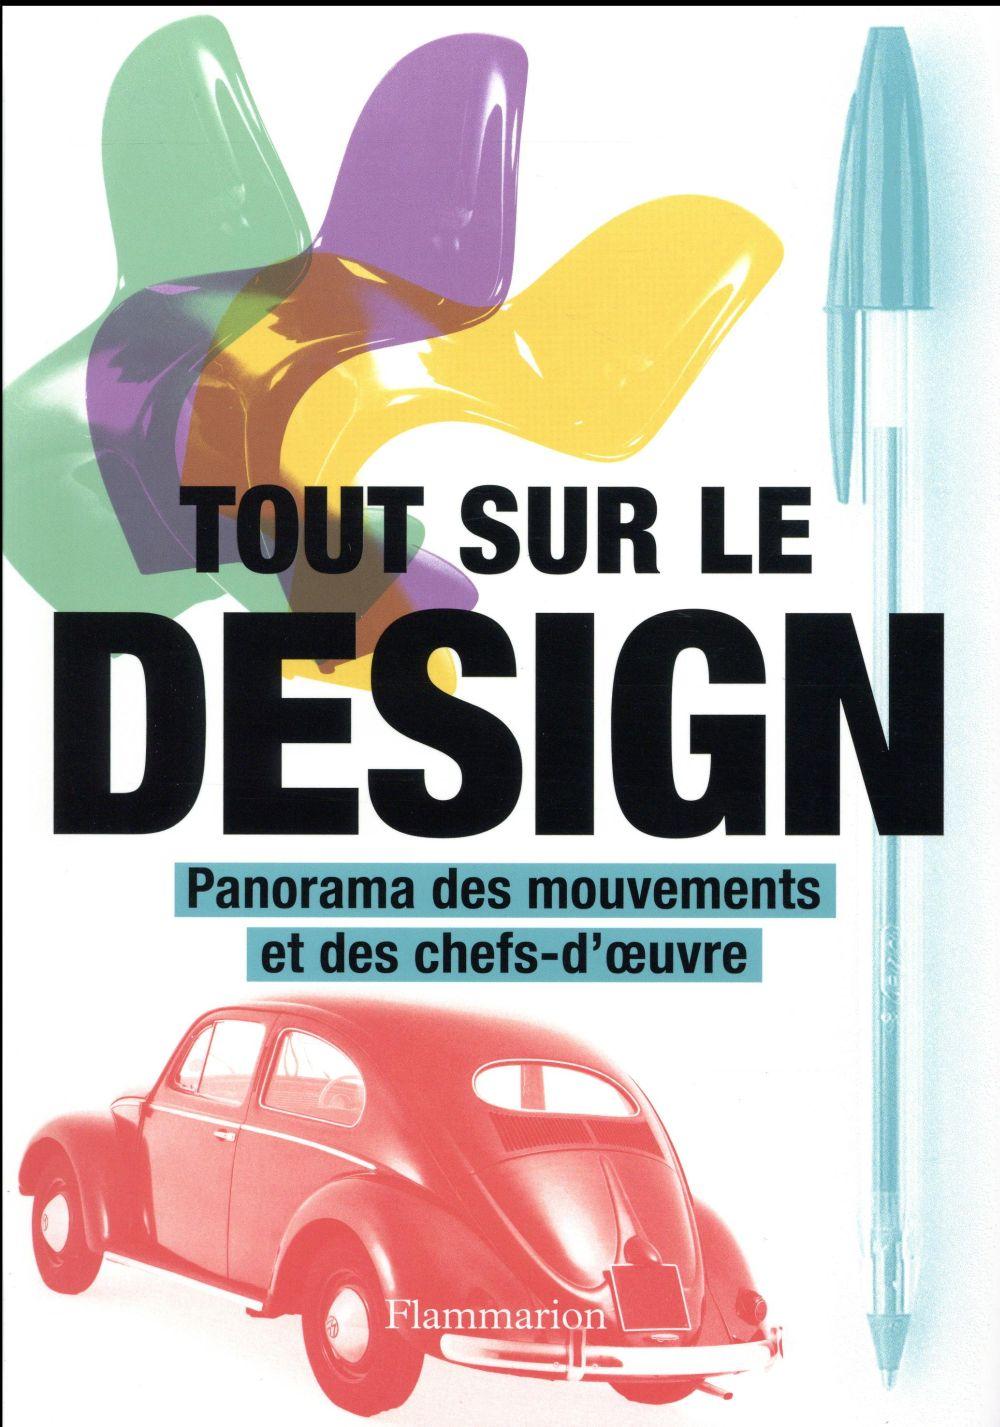 Tout sur le design ; panorama des mouvements et des chefs-d'oeuvre